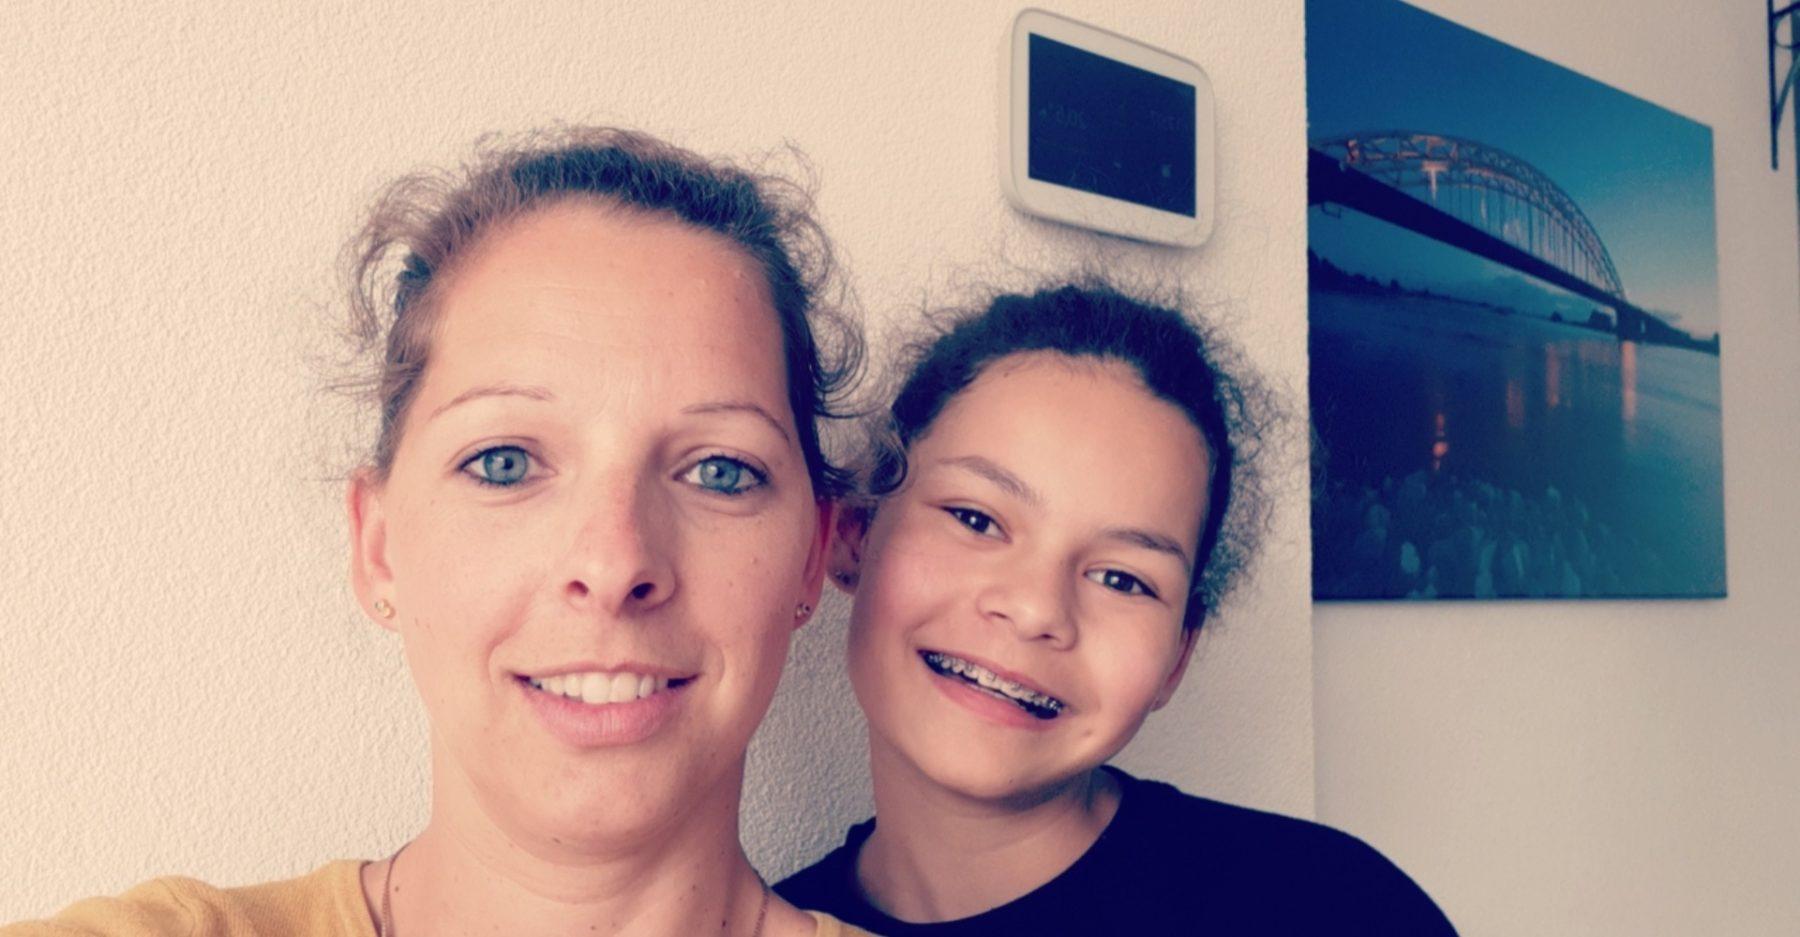 Nicolet is pleegmoeder van haar nichtje Djenley